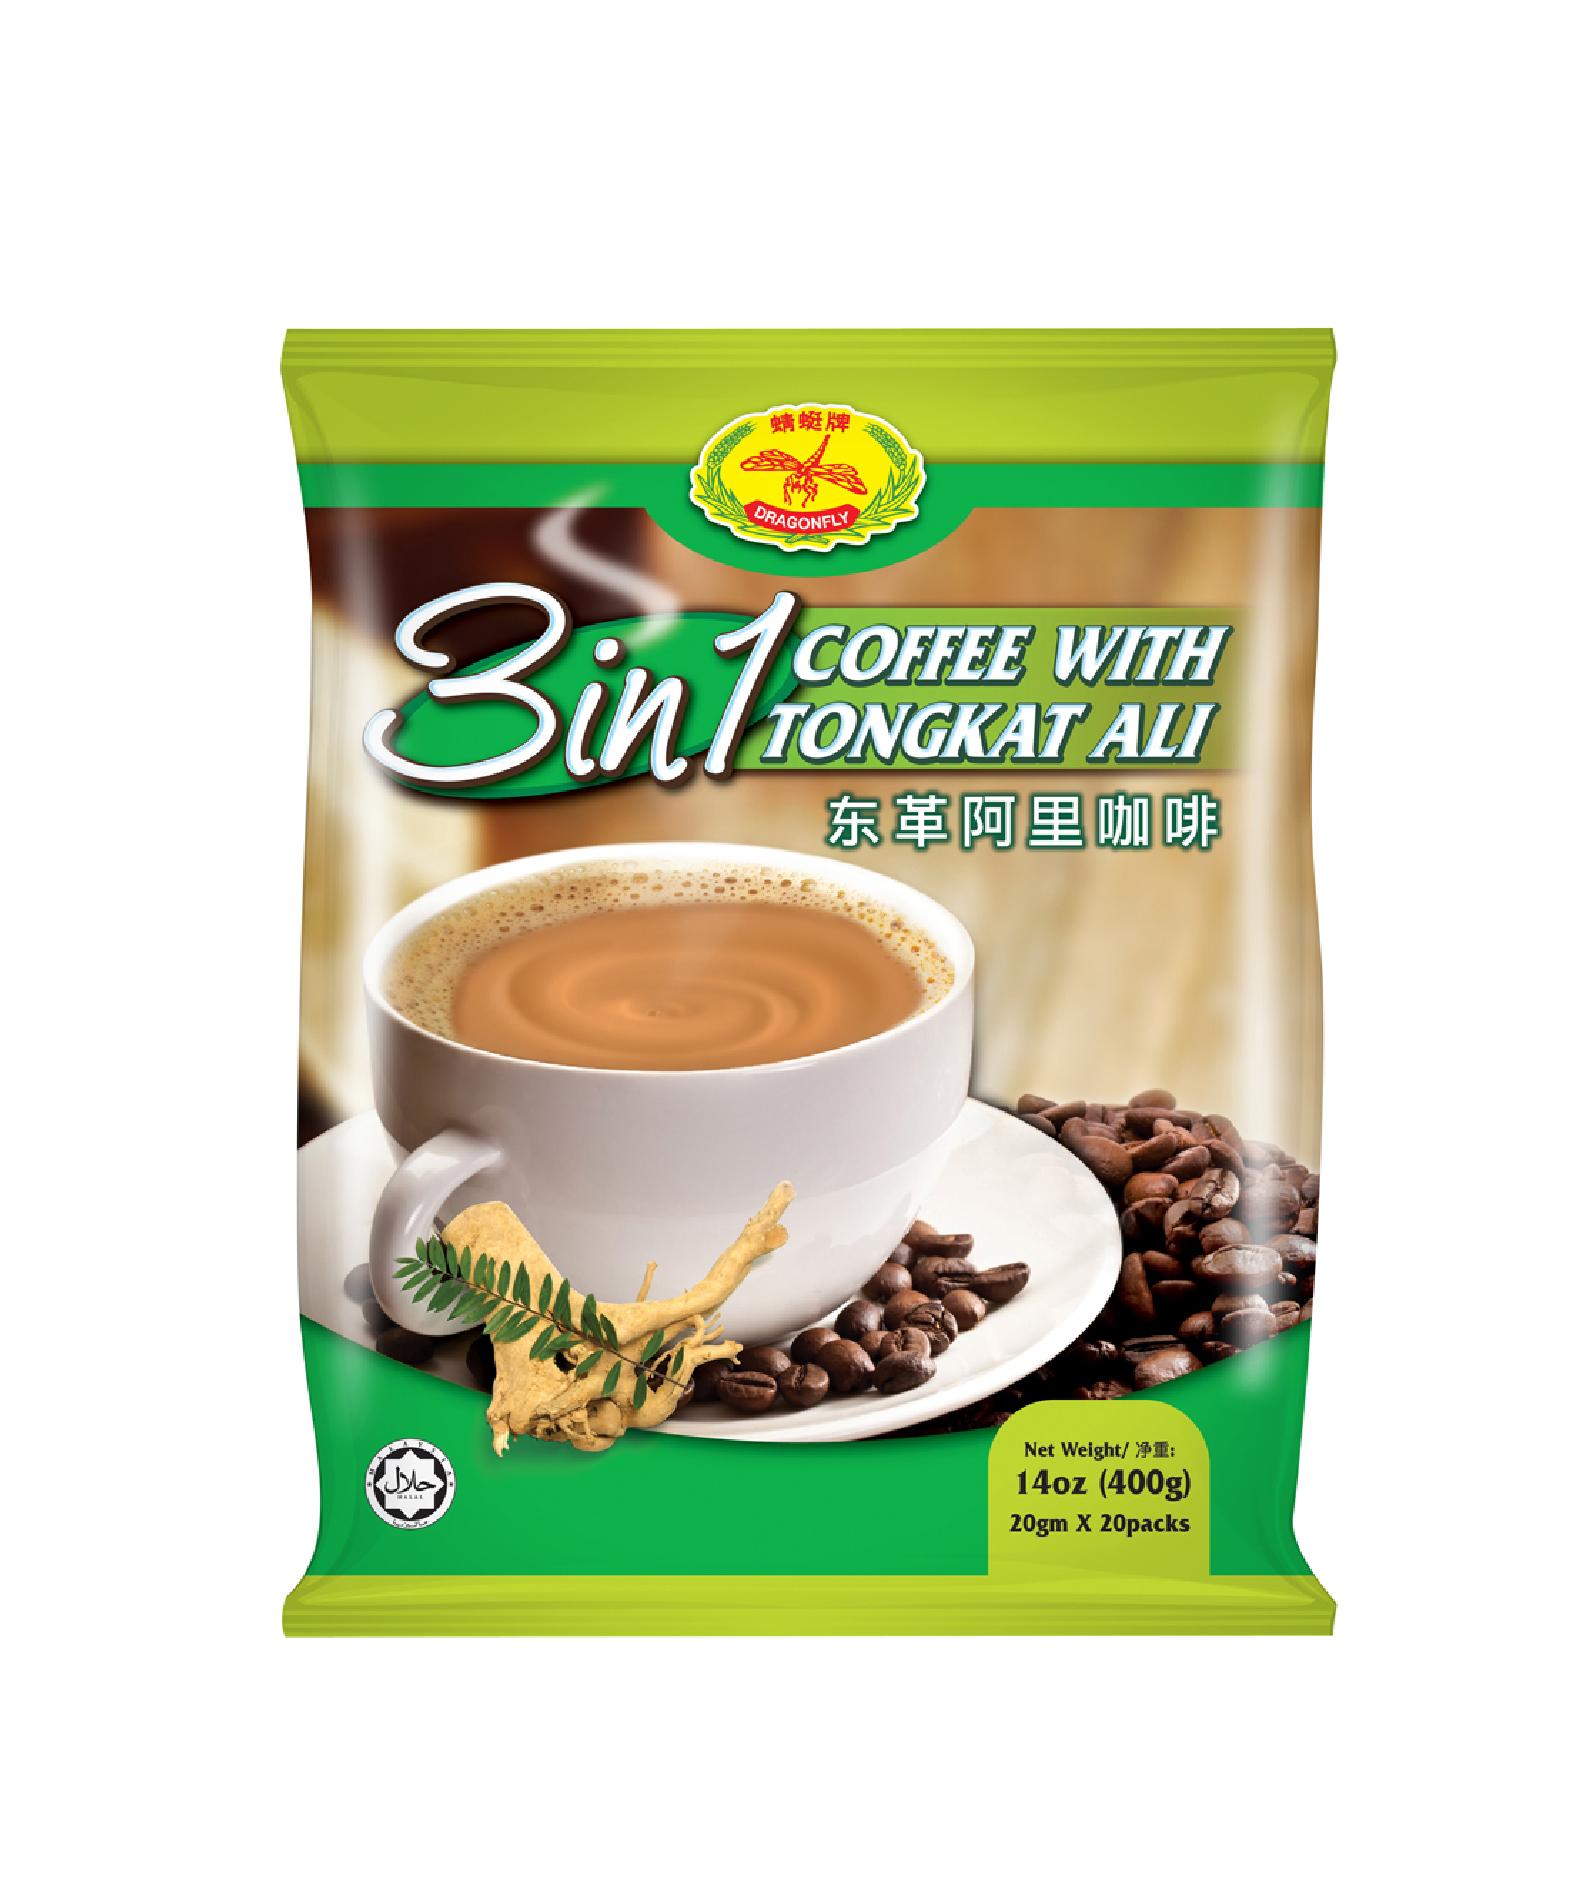 3in1 coffee tongkat ali